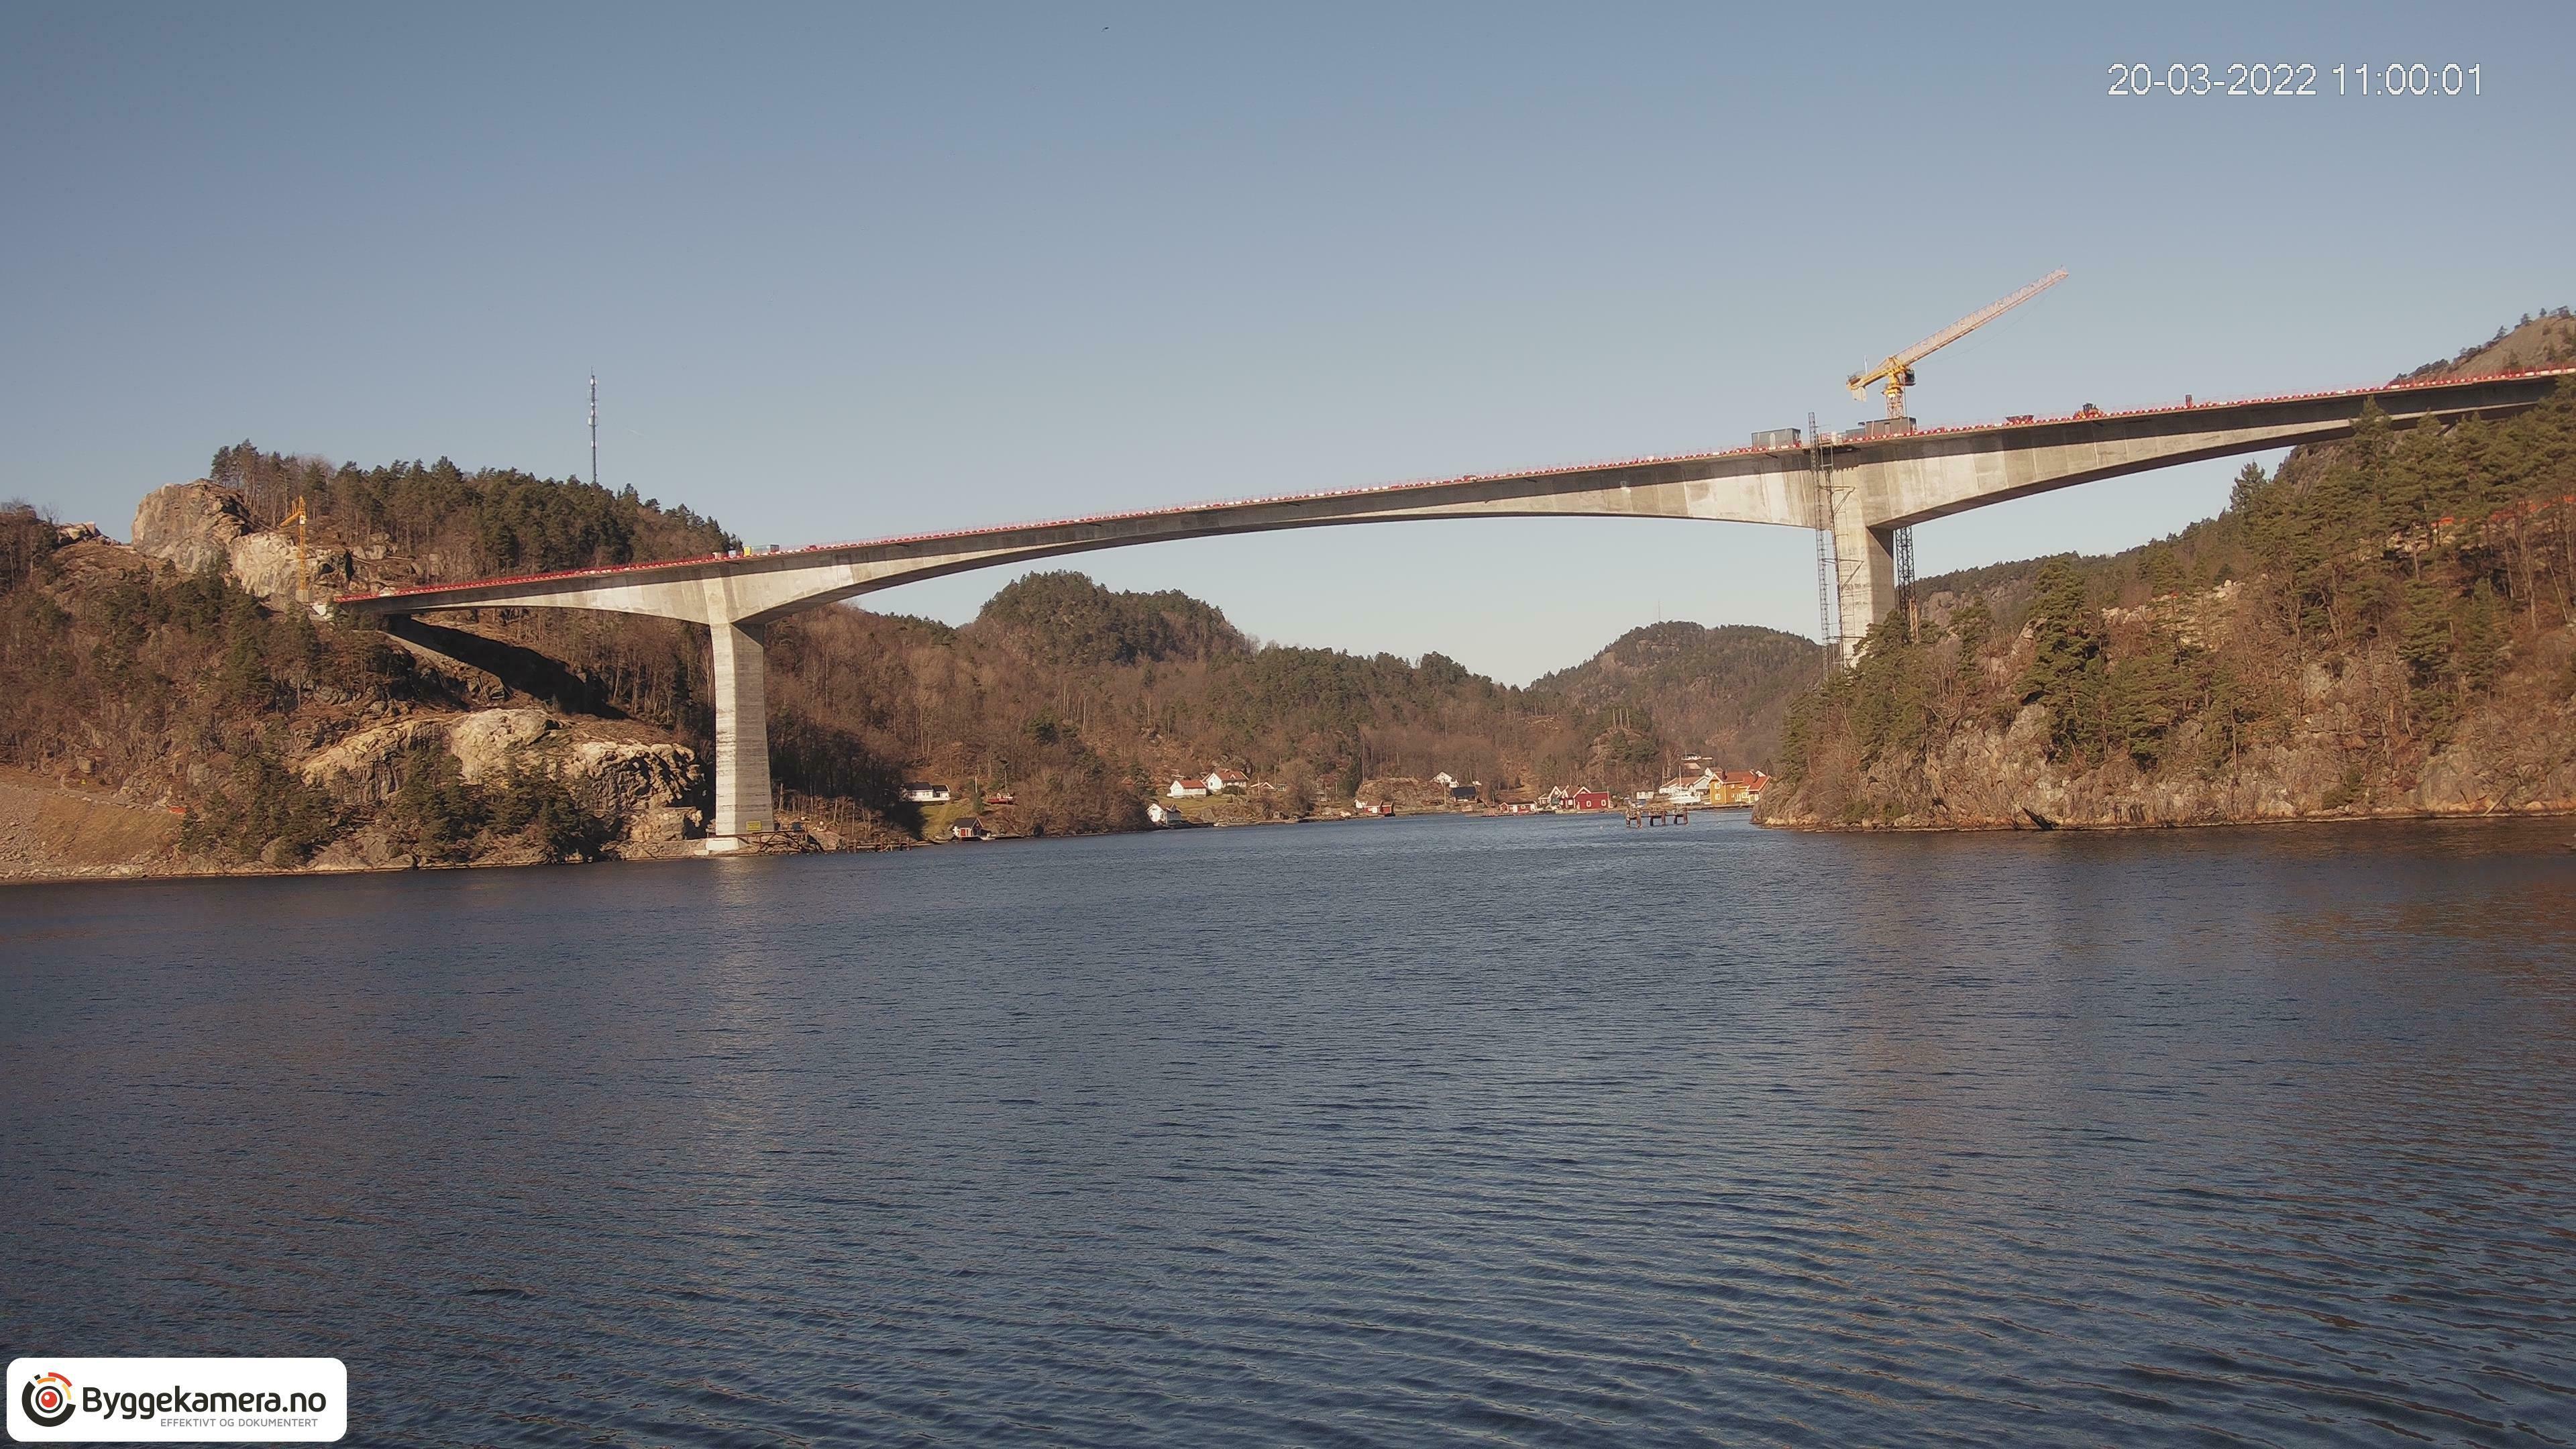 Webkamera: Følg byggingen av Trysfjordbrua på E39